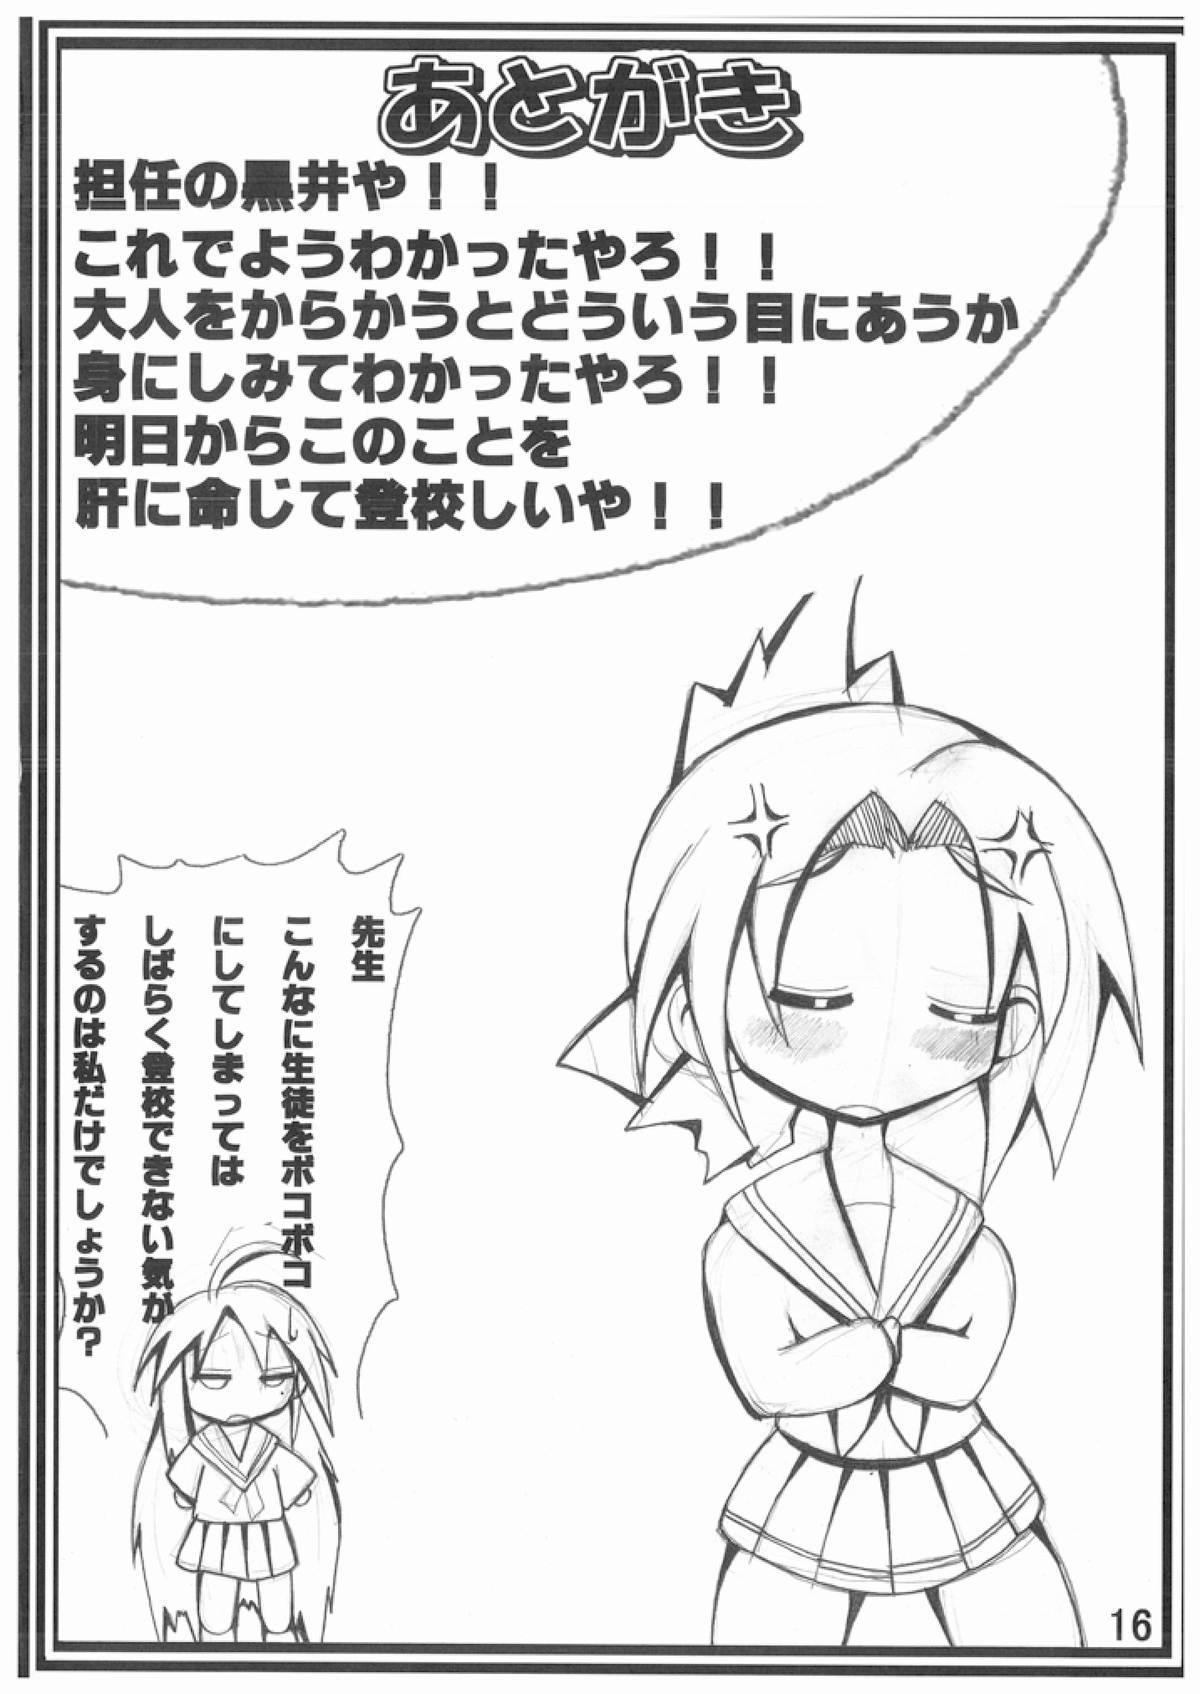 Chichi Star 16